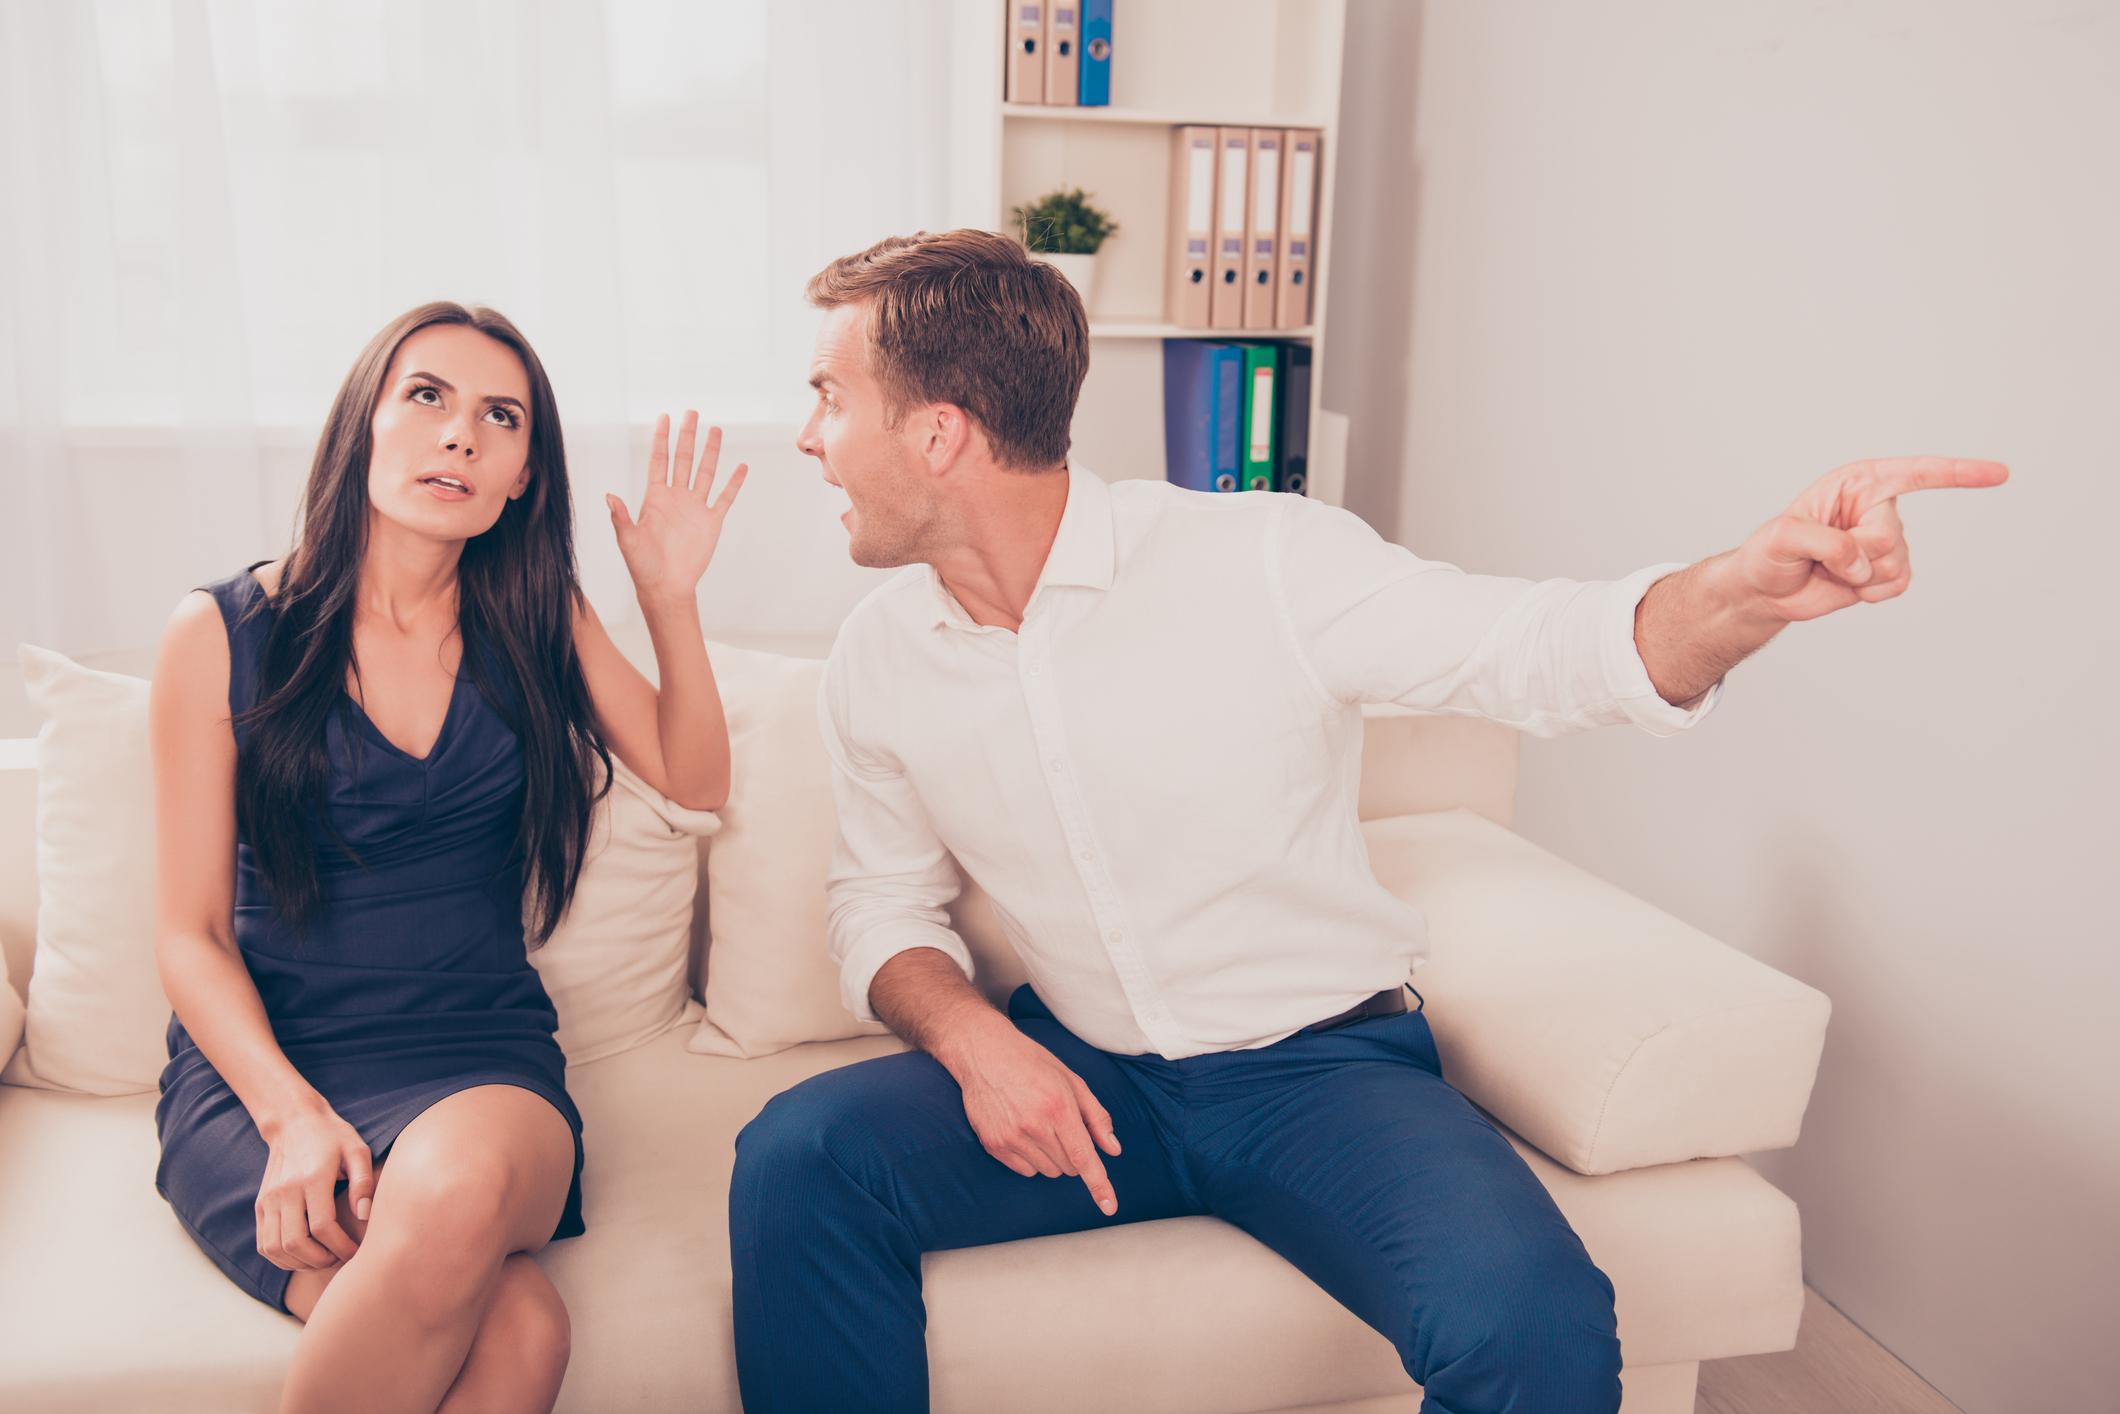 4 atitudes para nunca tomar em discussões no casamento4 min read